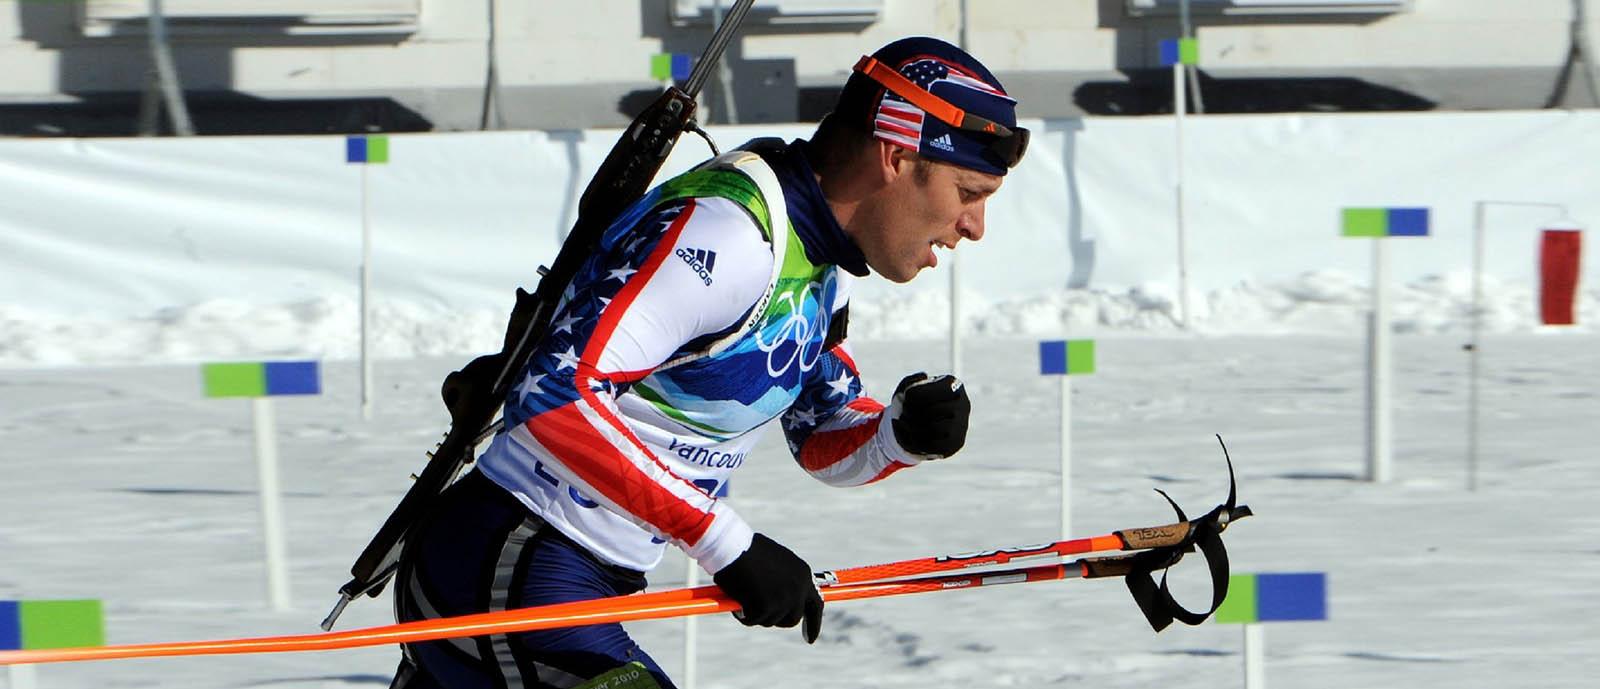 Biathlon Weltcup 2018 auf Schalke